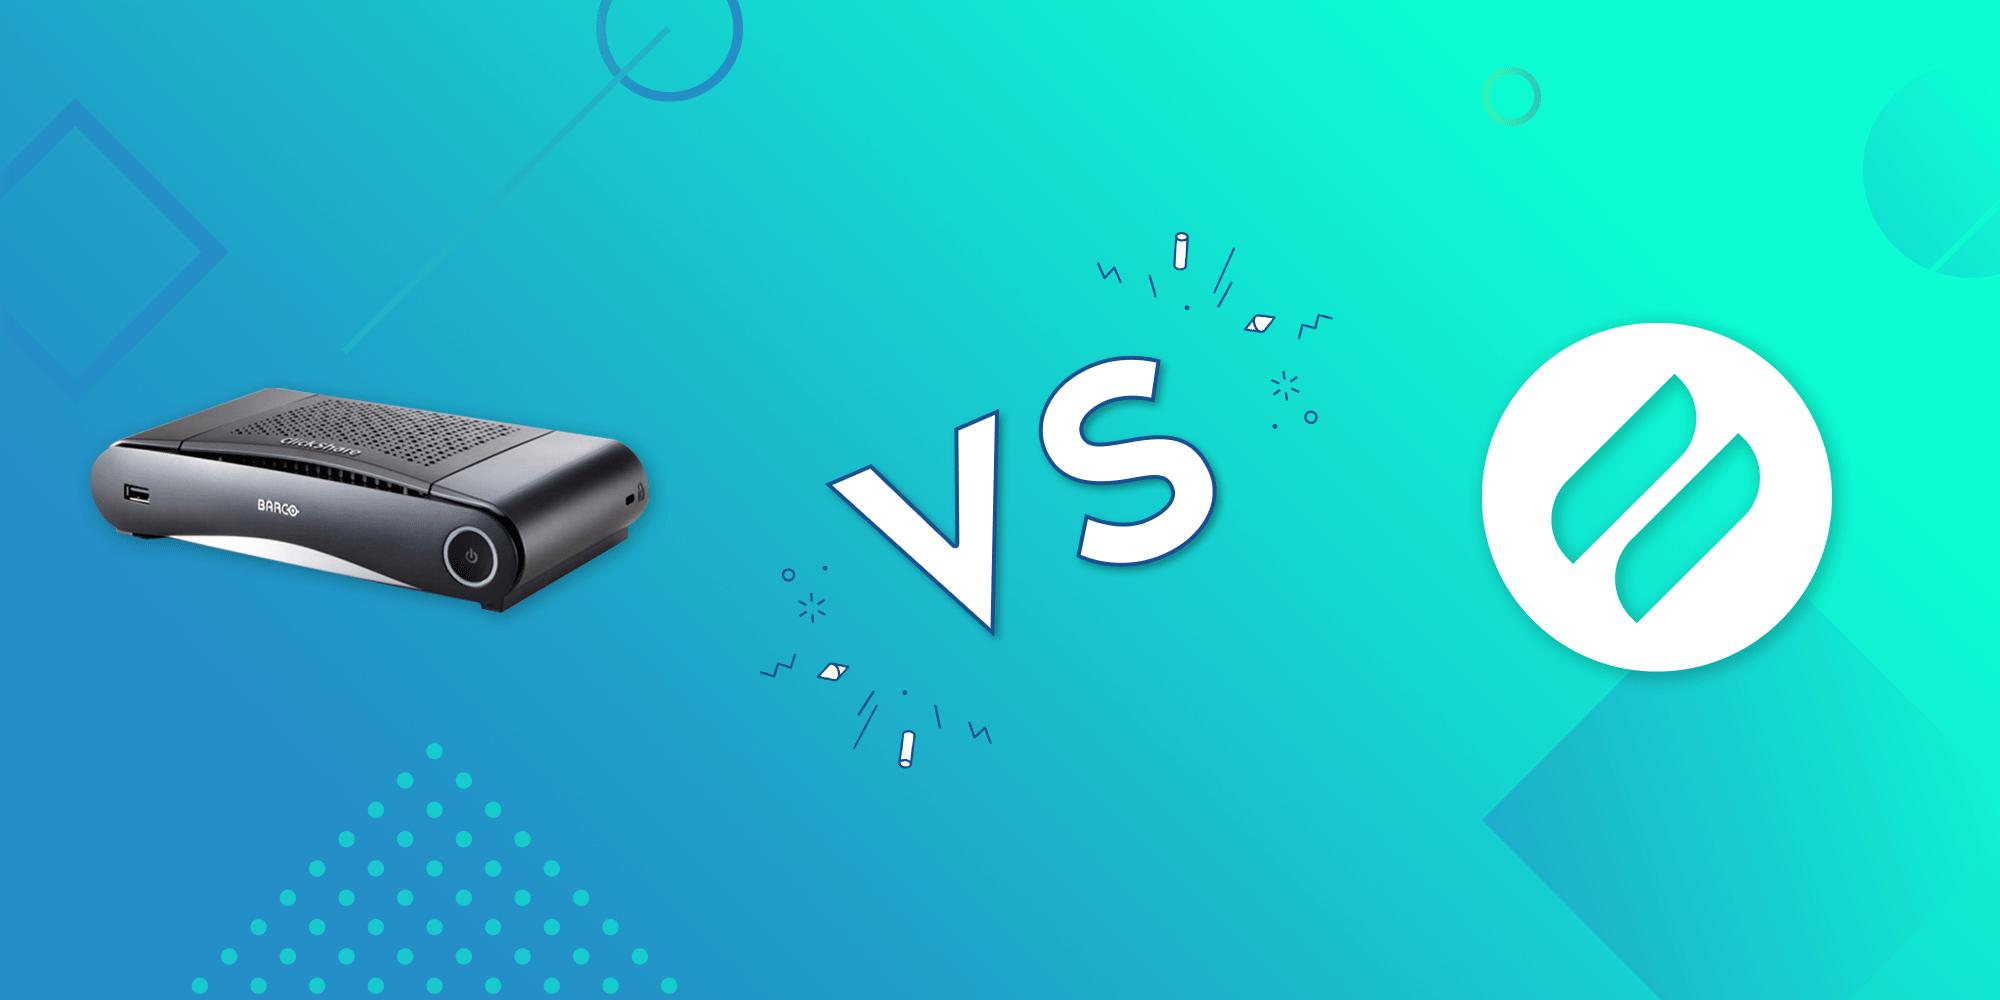 Ditto vs. Barco ClickShare